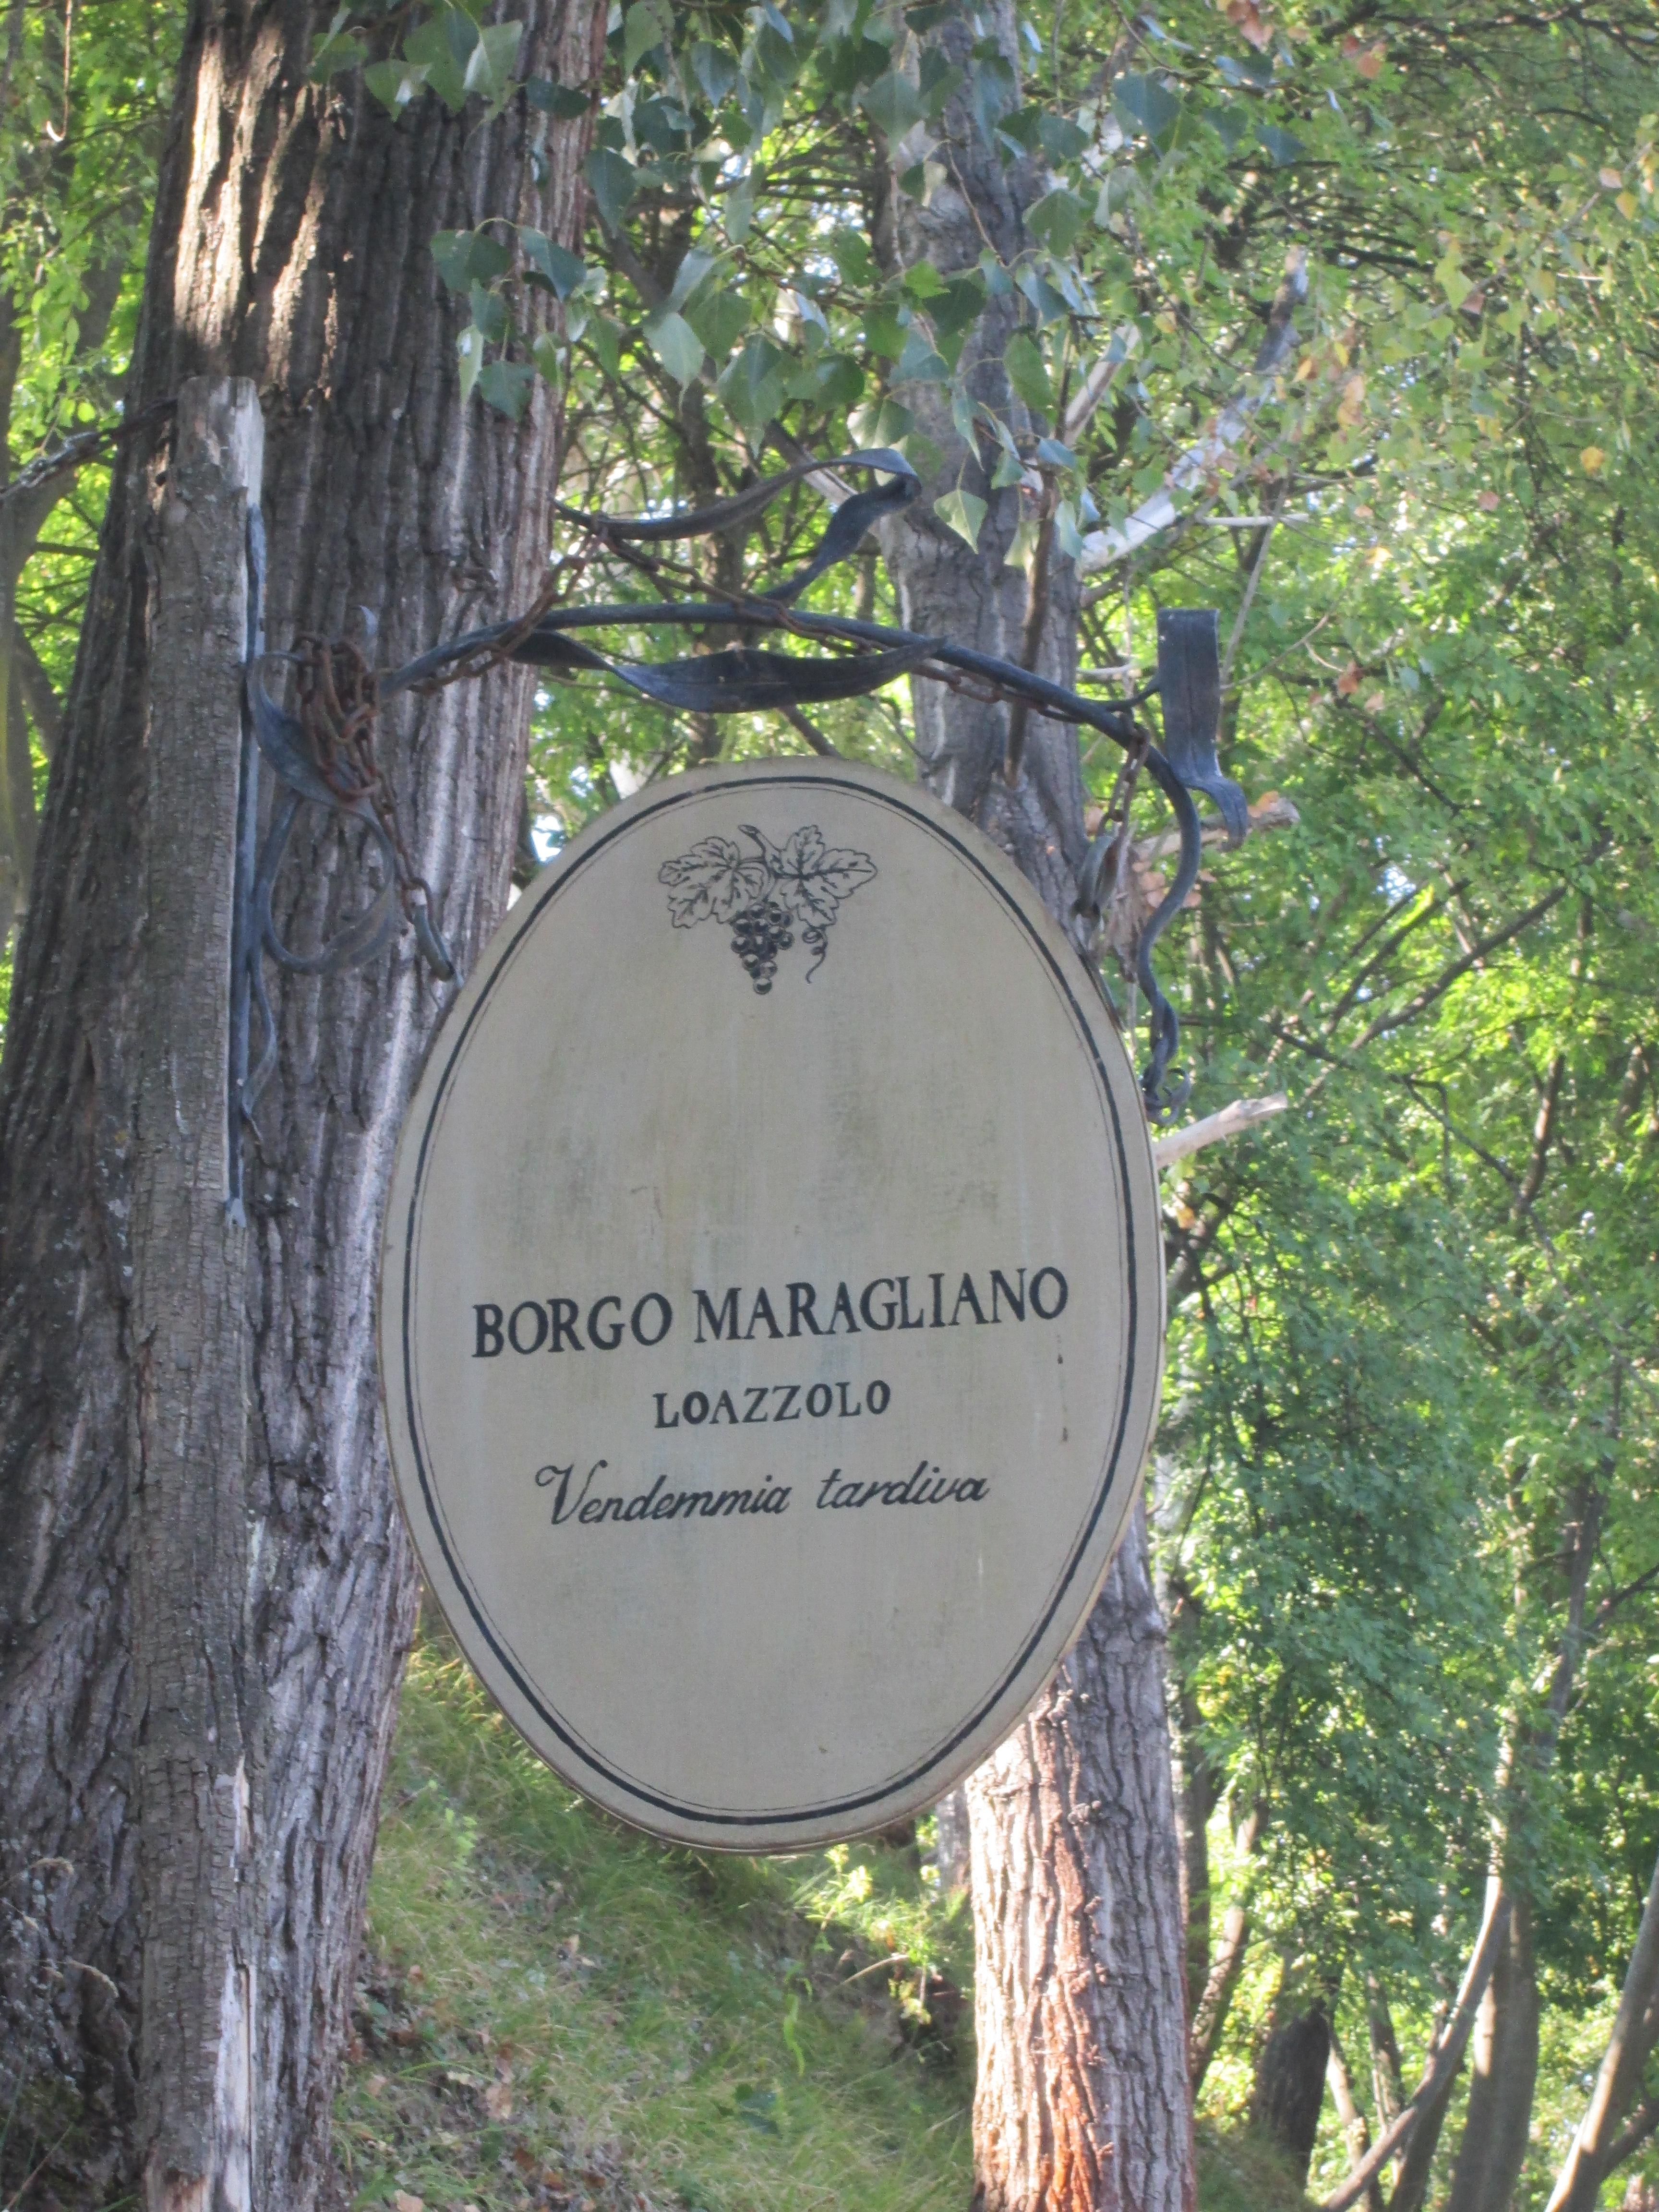 Azienda Borgo Maragliano in Loazzolo